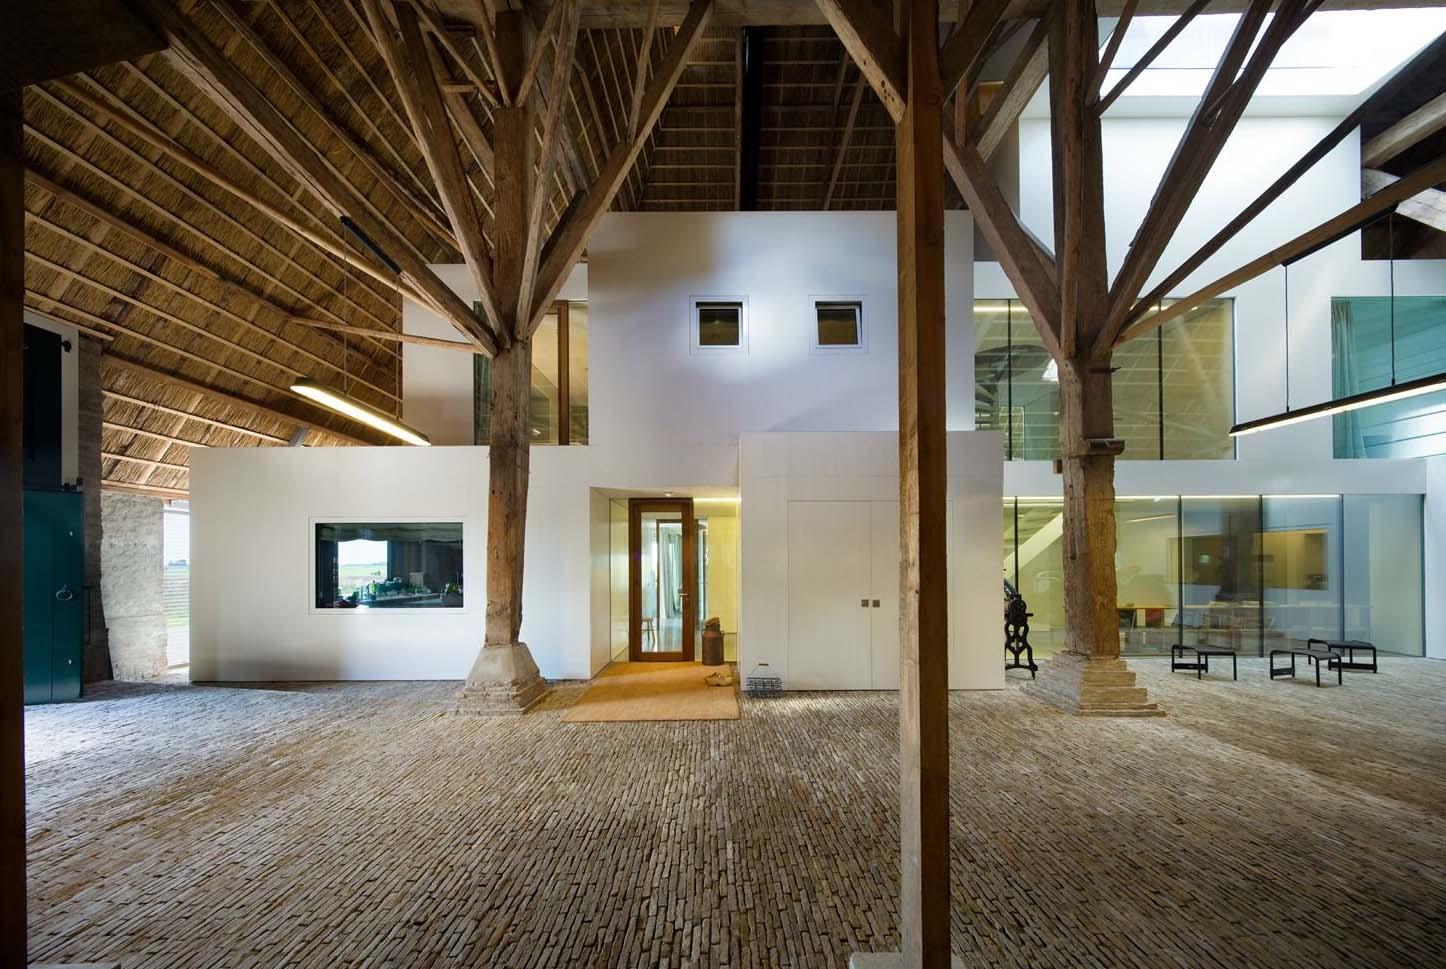 Casa fattoria in olanda by jelle de jong architekten arc for Piccola fattoria moderna